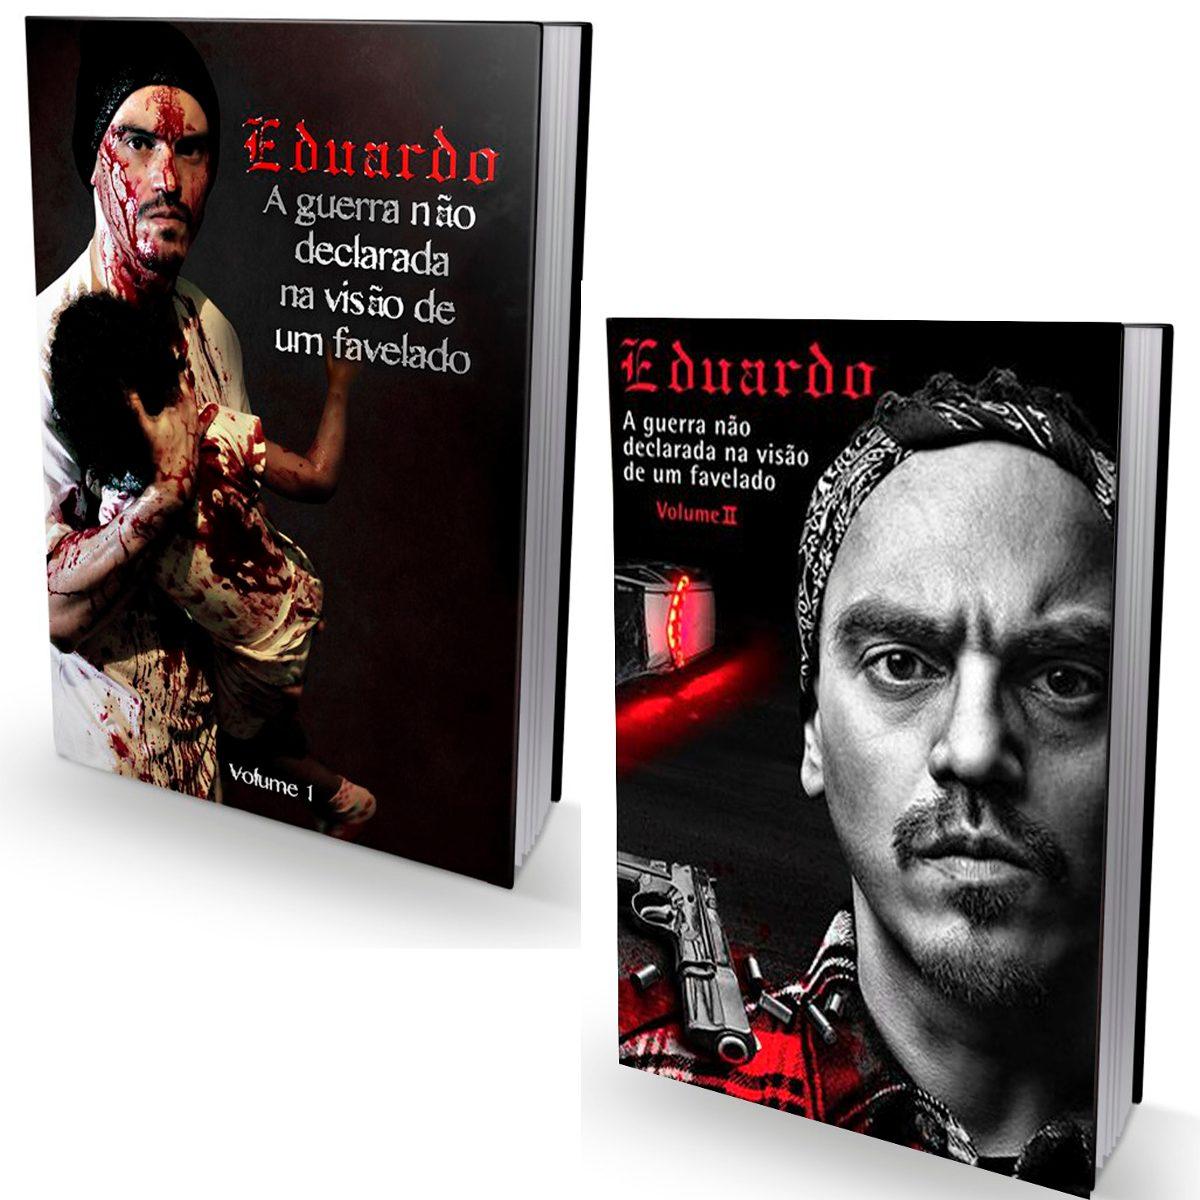 Kit com 2 livros A Guerra Não Declarada na Visão de Um Favelado Volume I e Volume II.  - LiteraRUA